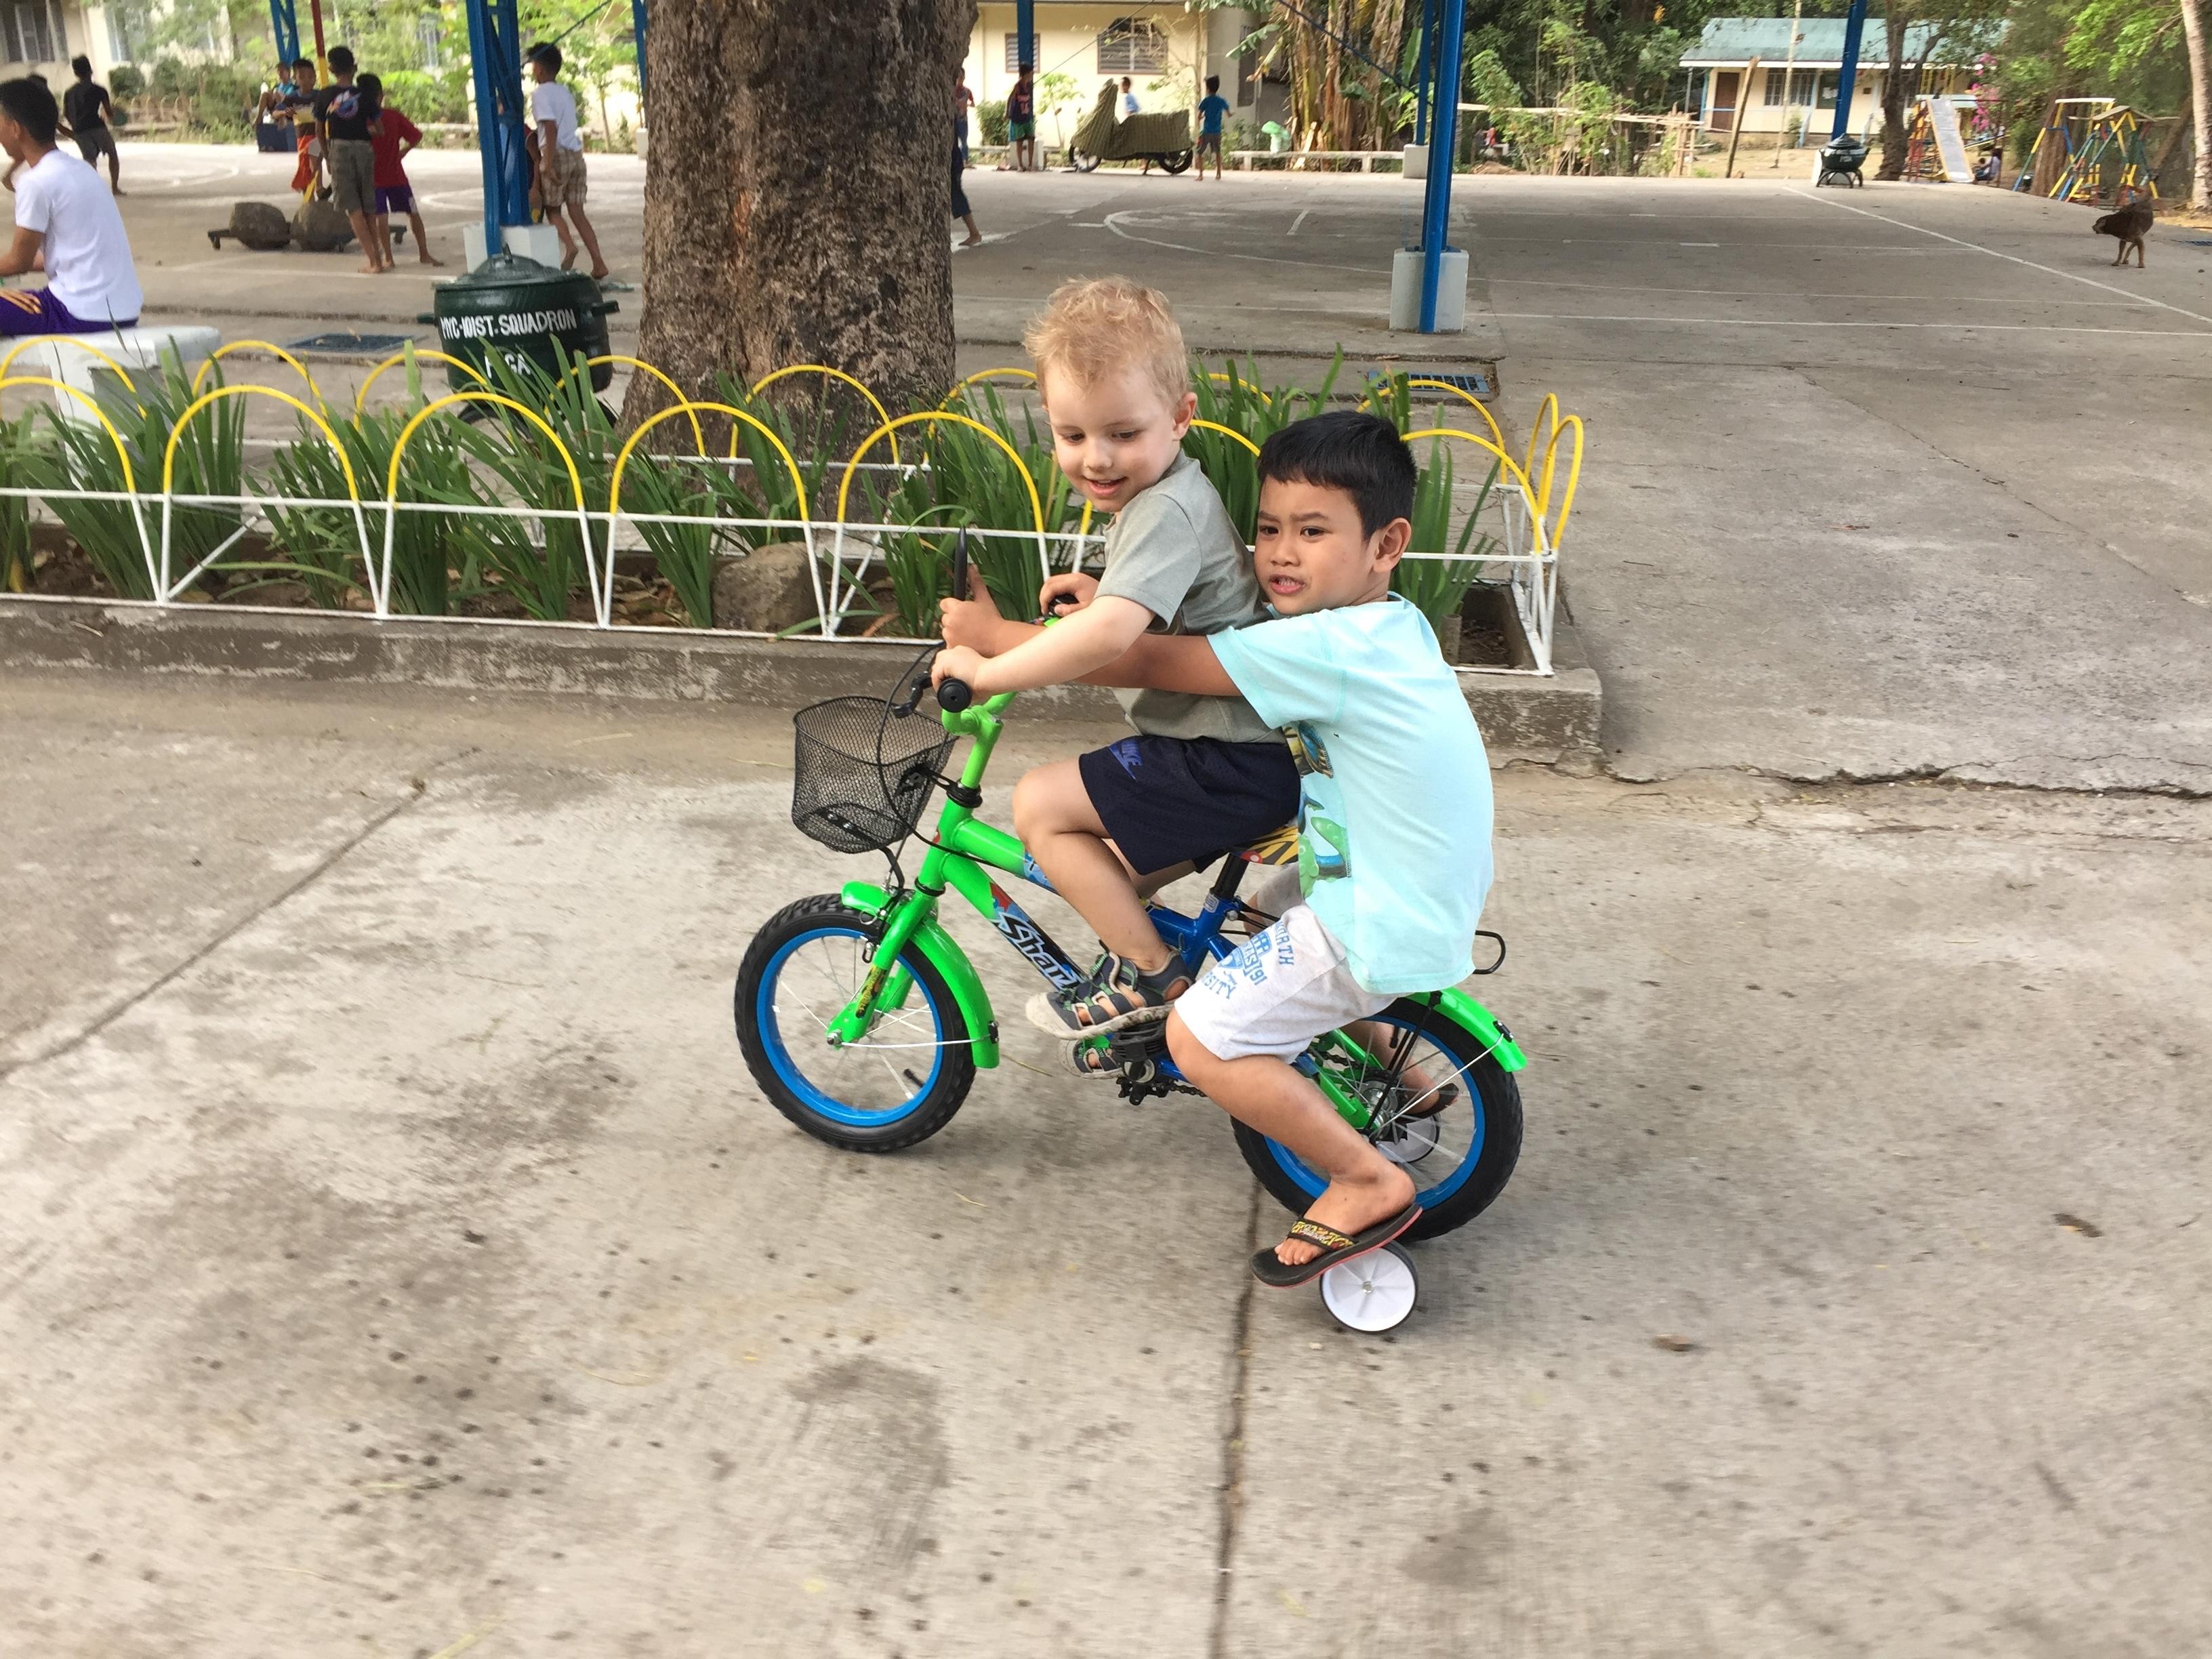 Cykelleg